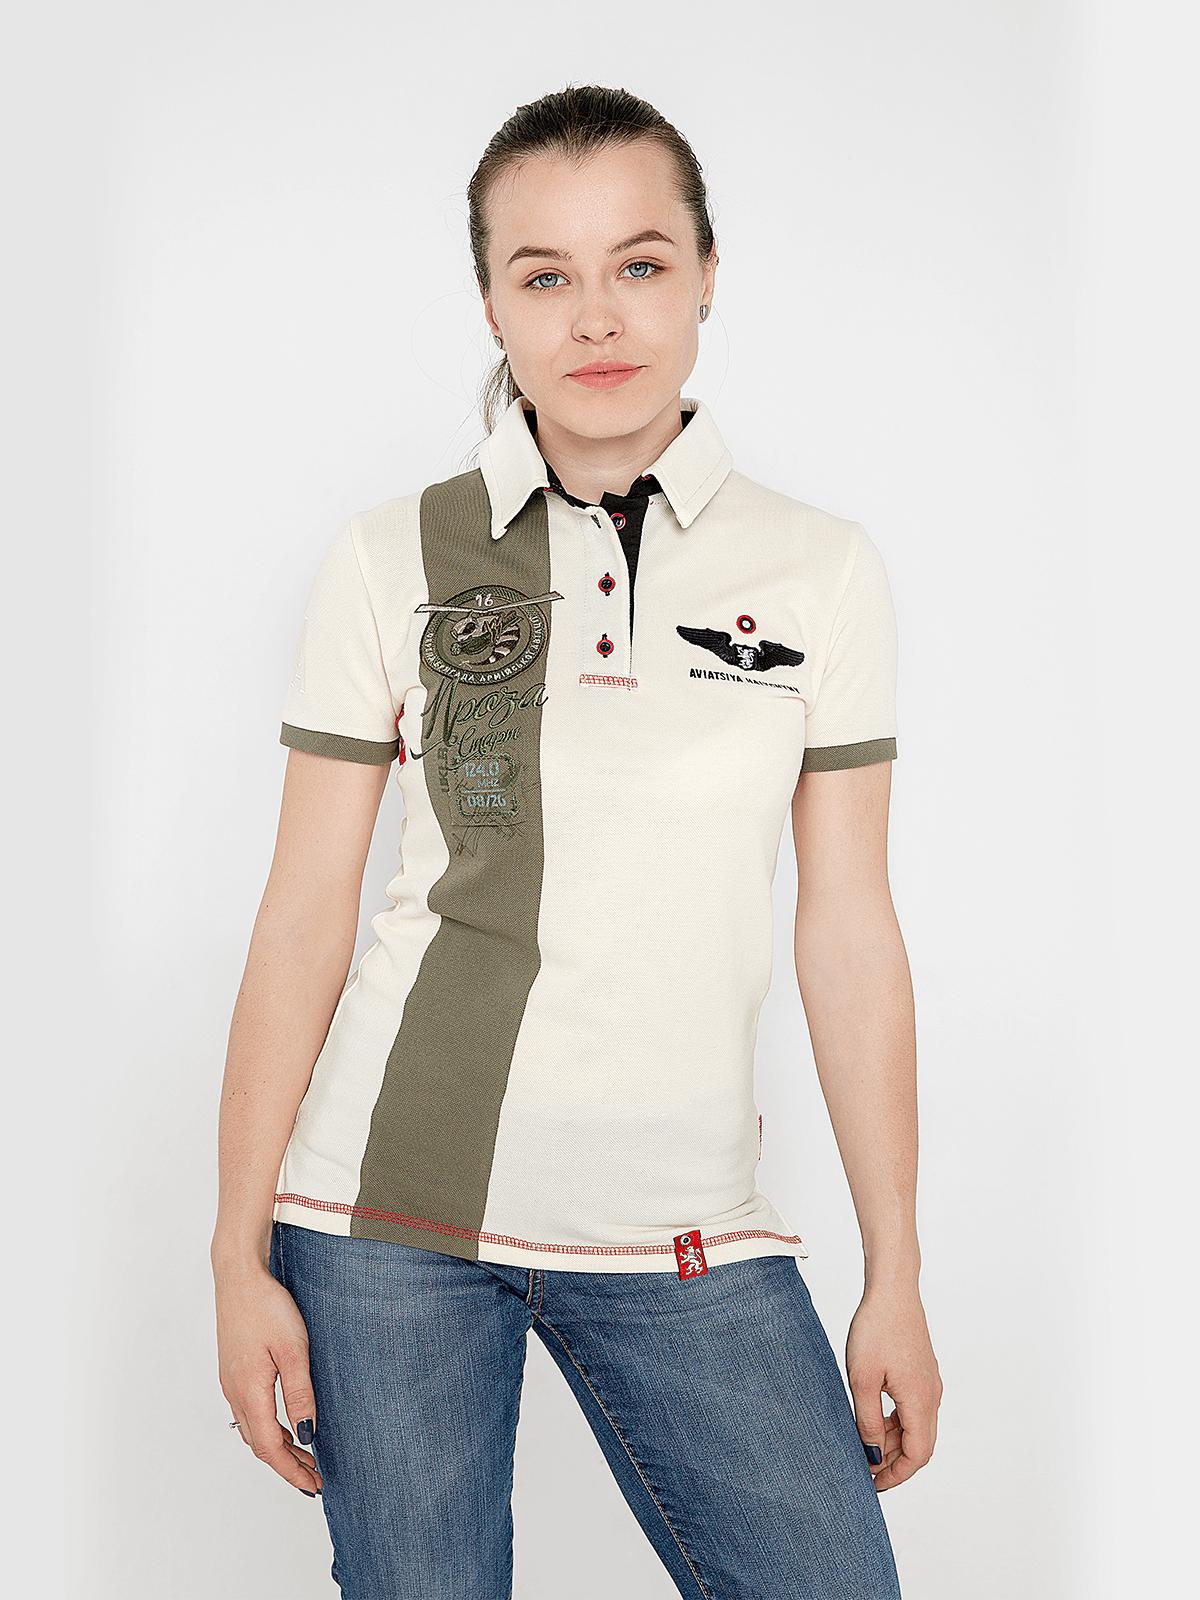 Women's Polo Shirt 16 Brigade. Color ivory. Pique fabric: 100% cotton.